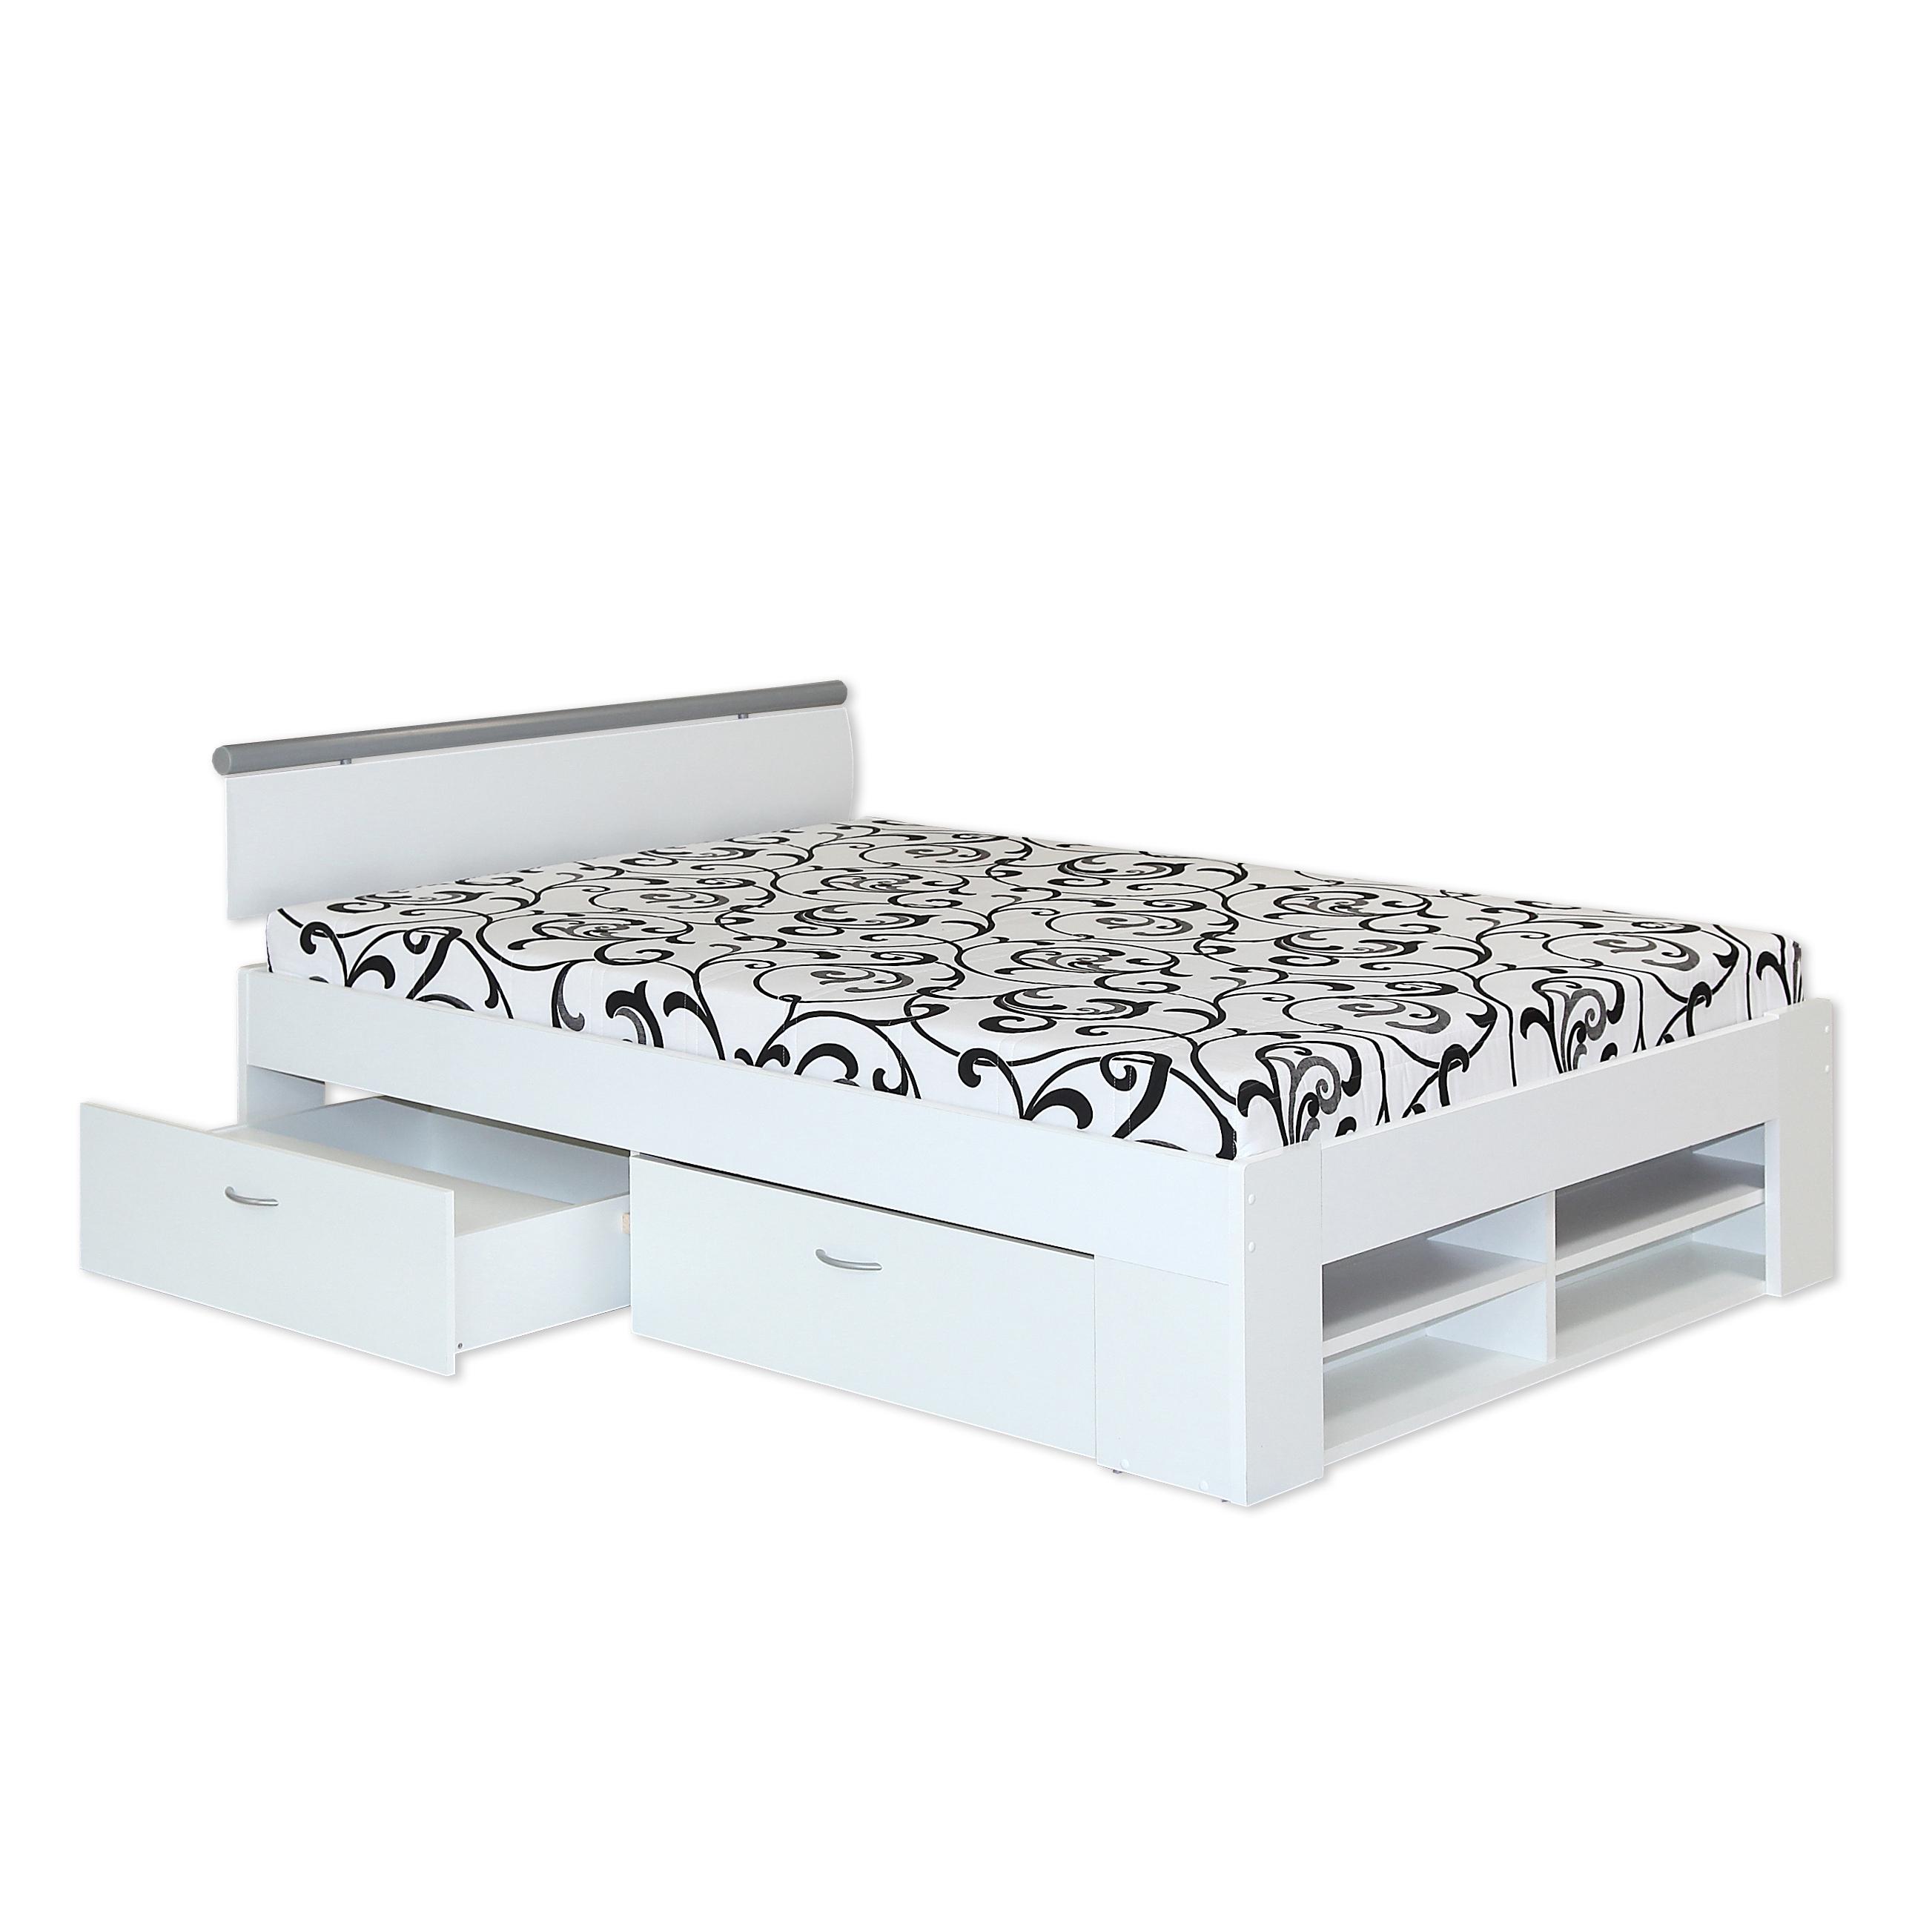 Nett Bett Mit Lattenrost Und Matratze 120x200 Bett 120x200